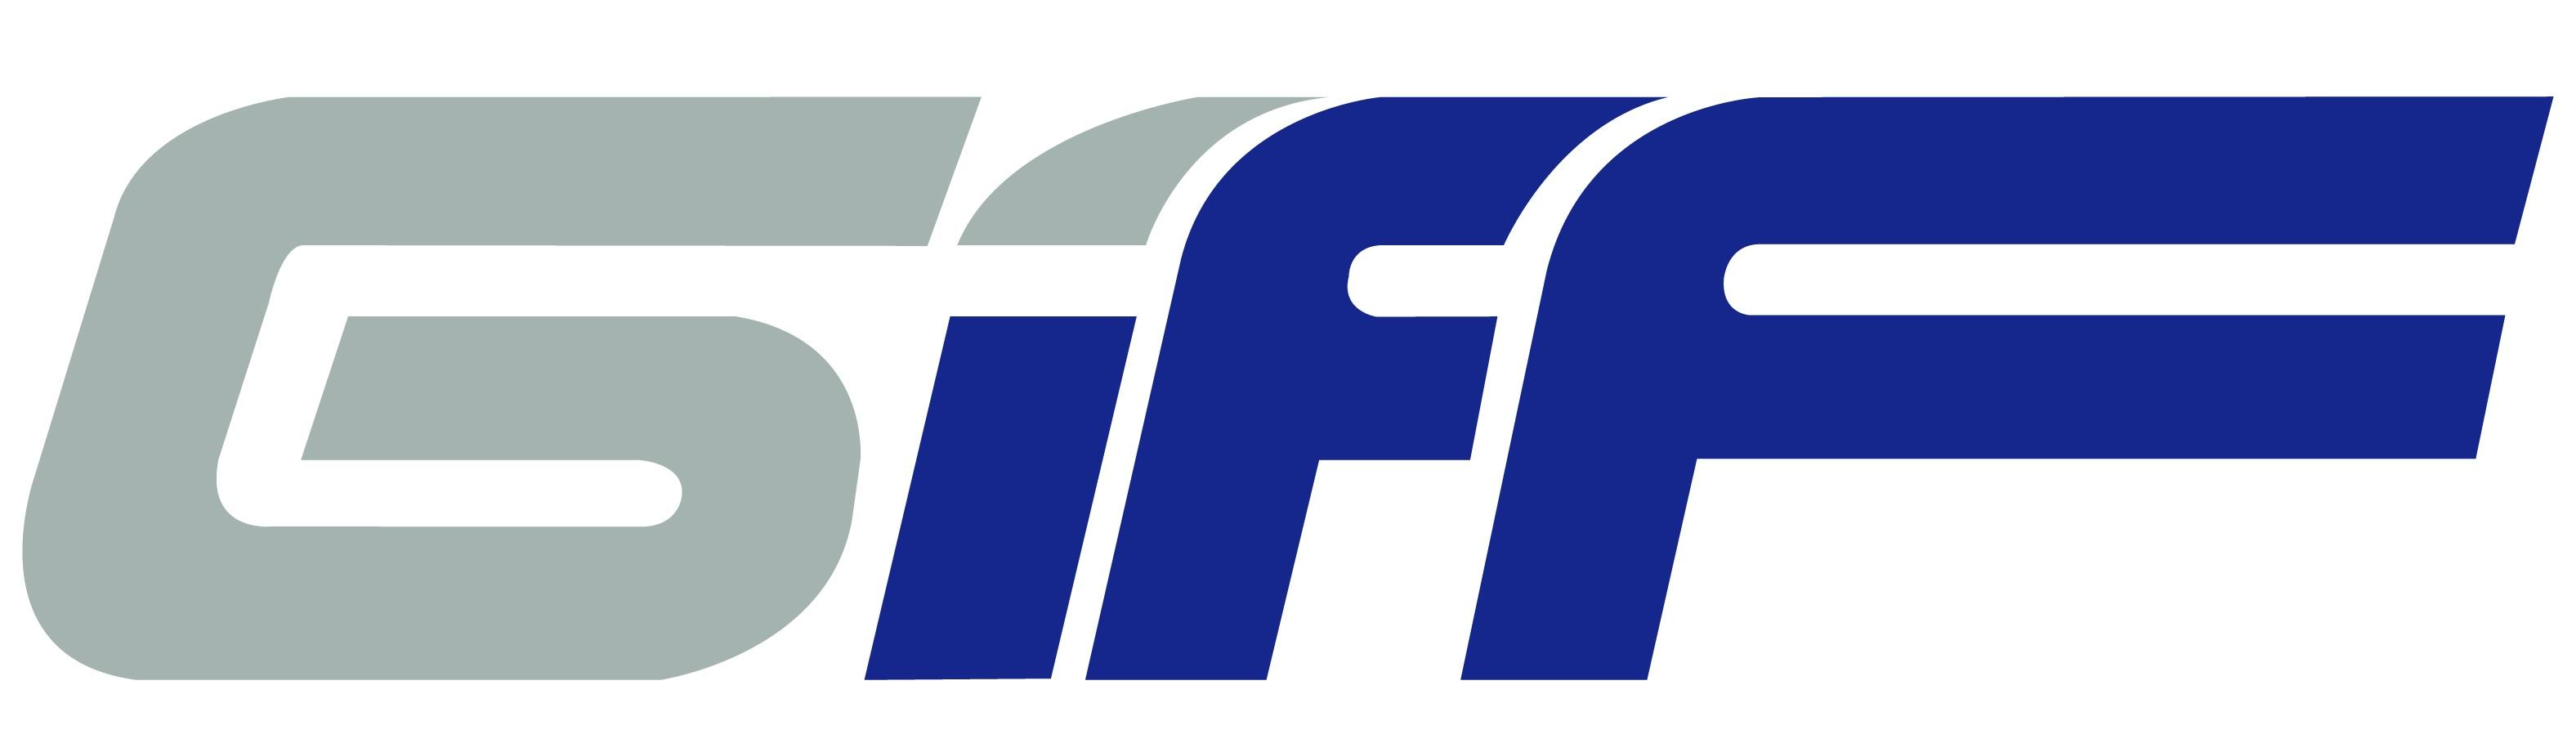 FBA全段物流服务